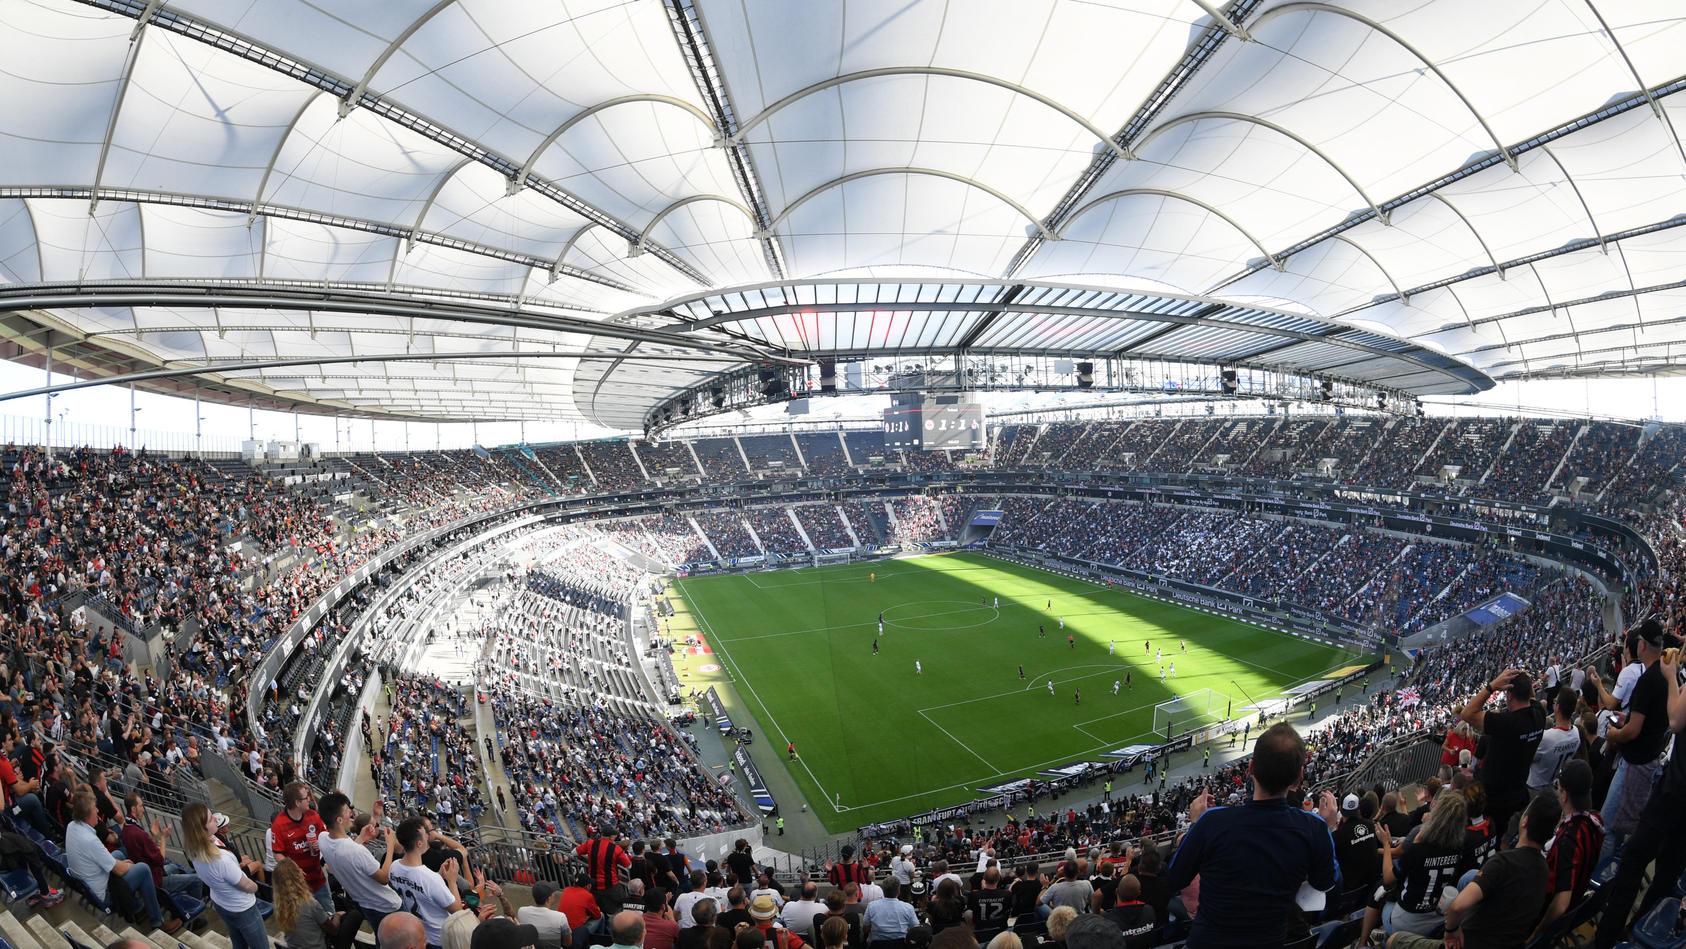 Die nächsten Heimspiele der Frankfurter Eintracht sind am 16. und 21. Oktober